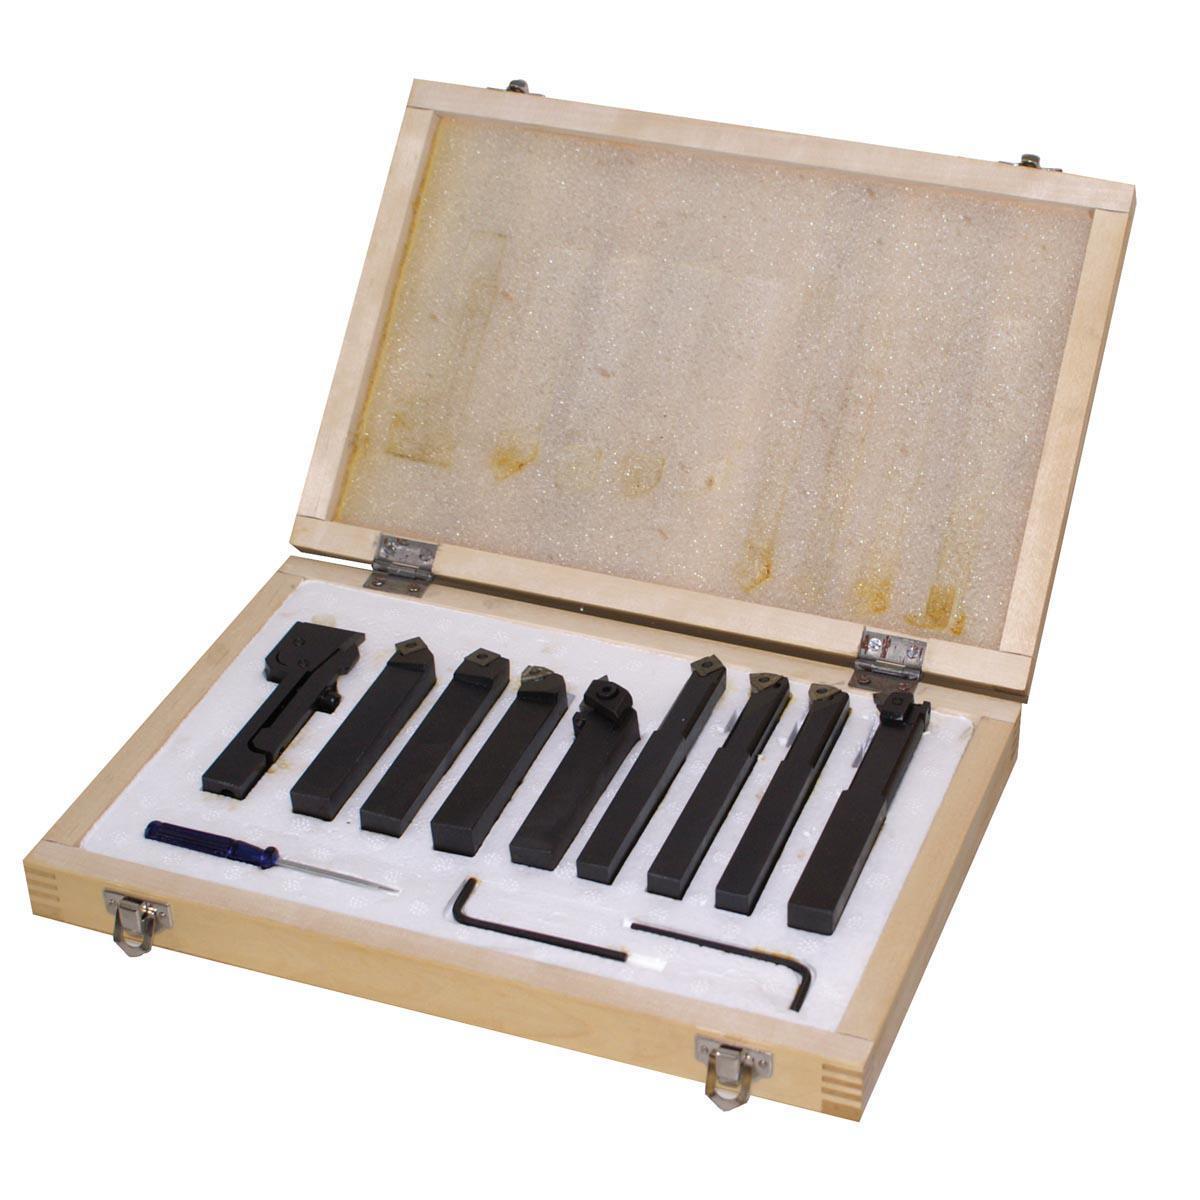 Sada nožů s výměnnými destičkami Holzmann 9TLG12